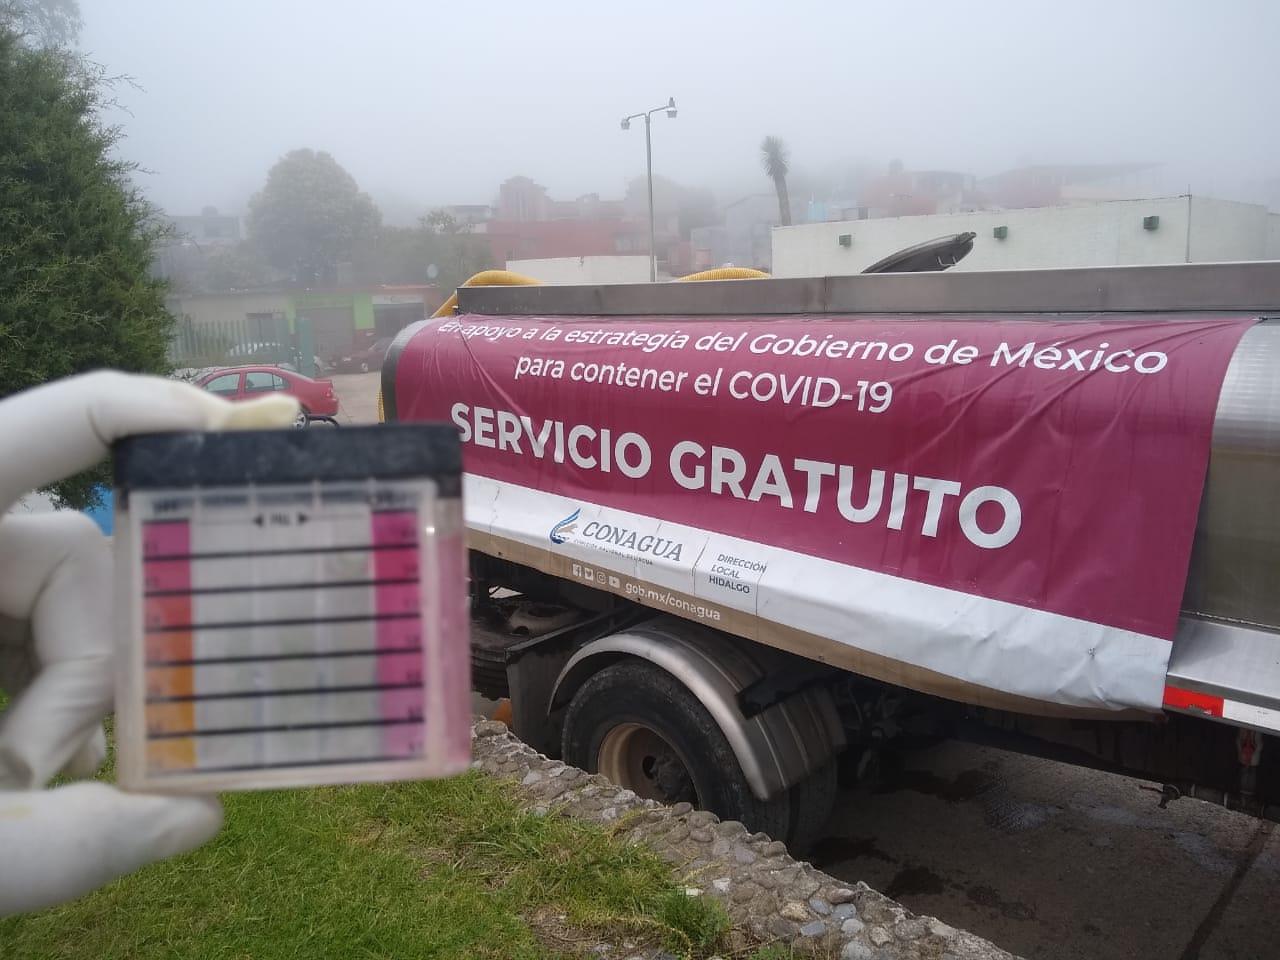 Conagua ha entregado más de 2 millones de litros de agua en pipas para poblaciones vulnerables en Hidalgo